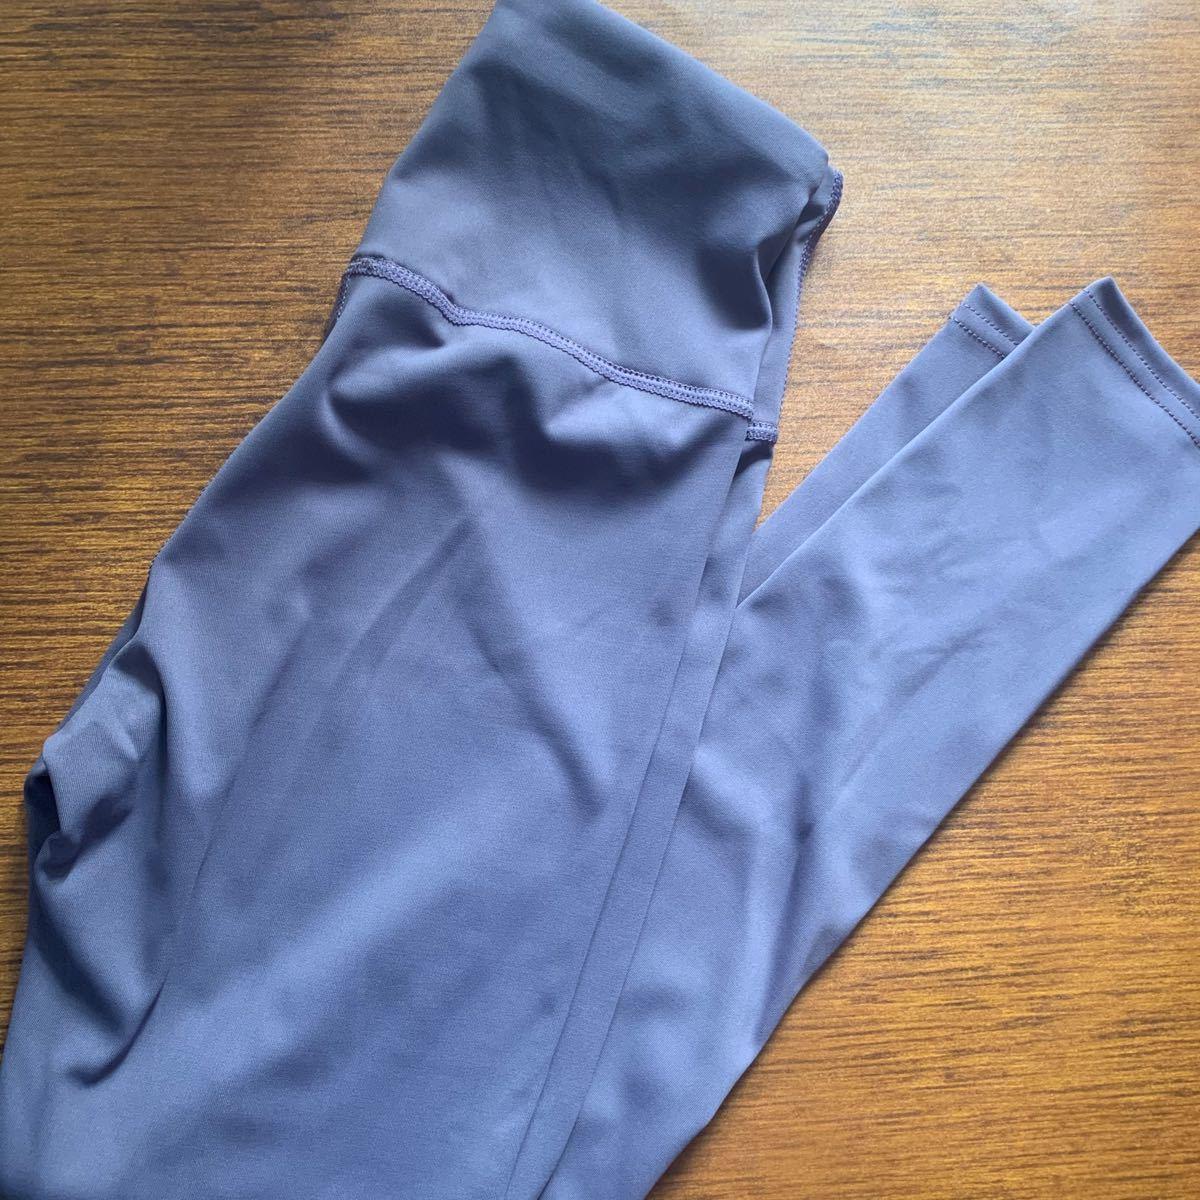 ヨガパンツ L 紫 レディース レギンス ヨガウェア スパッツ 美尻 新品未使用